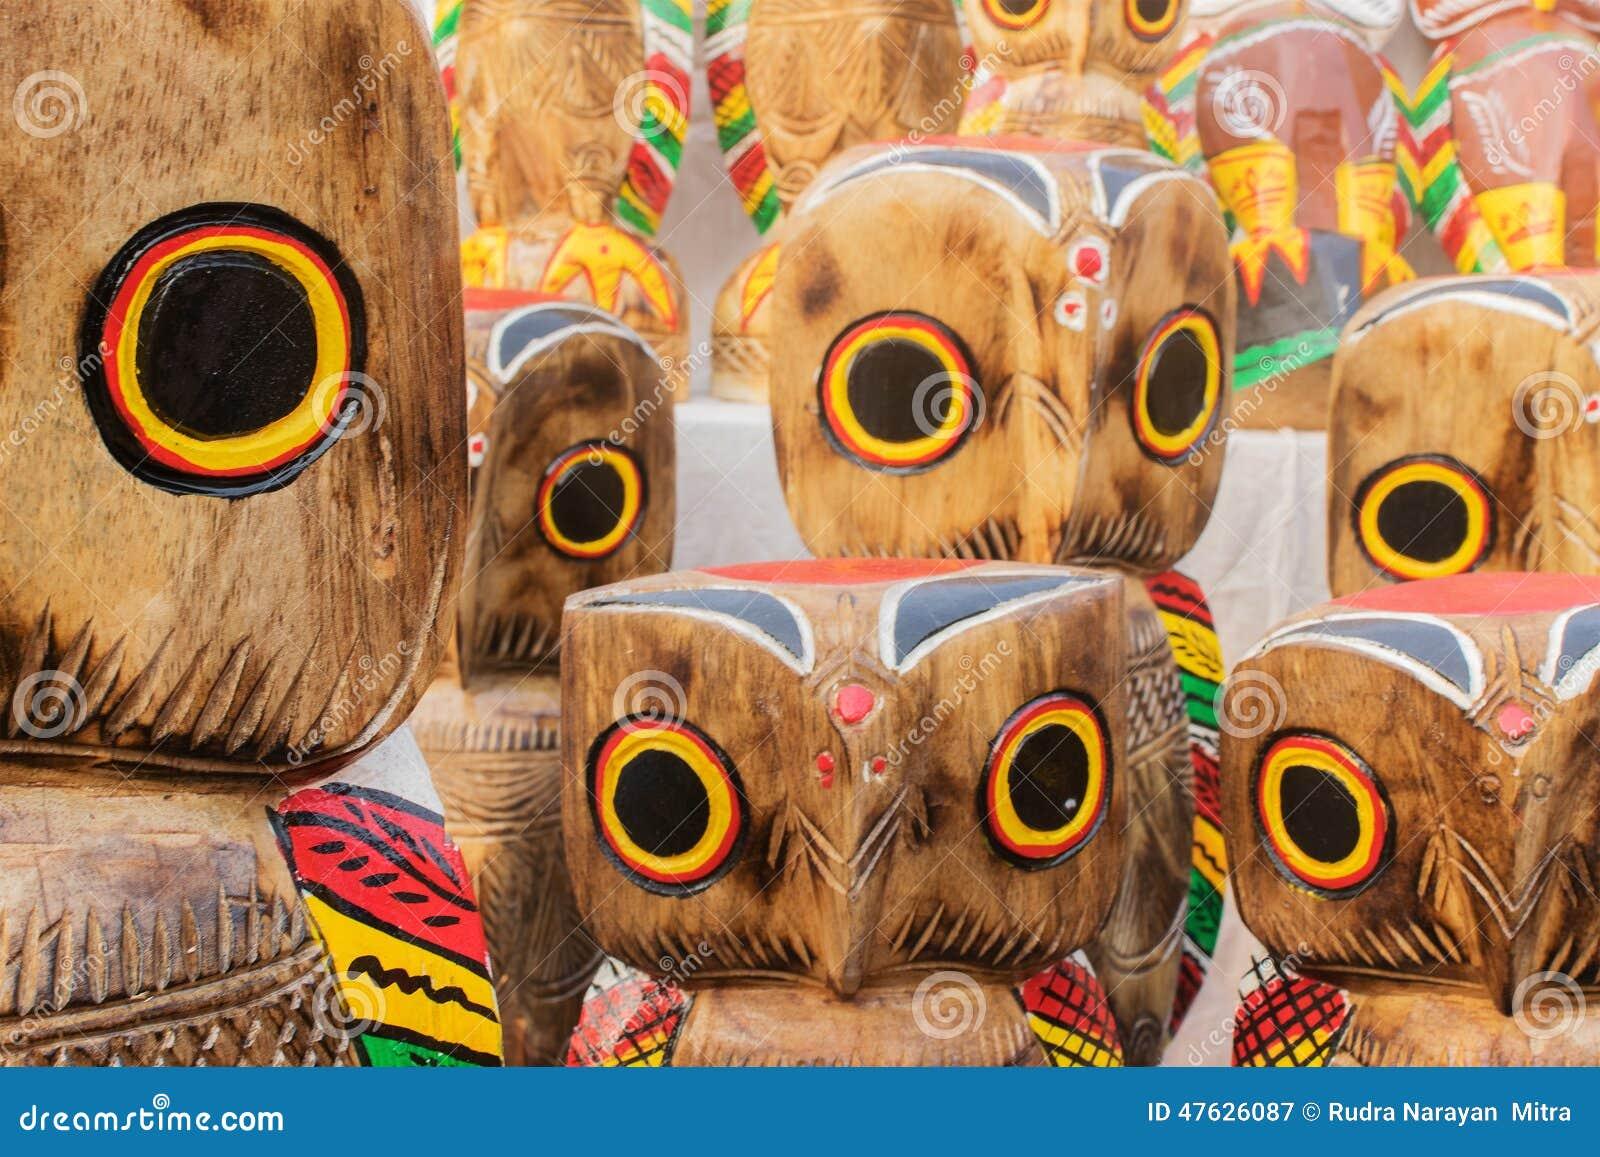 Wooden Owls Indian Handicrafts Fair At Kolkata Editorial Image